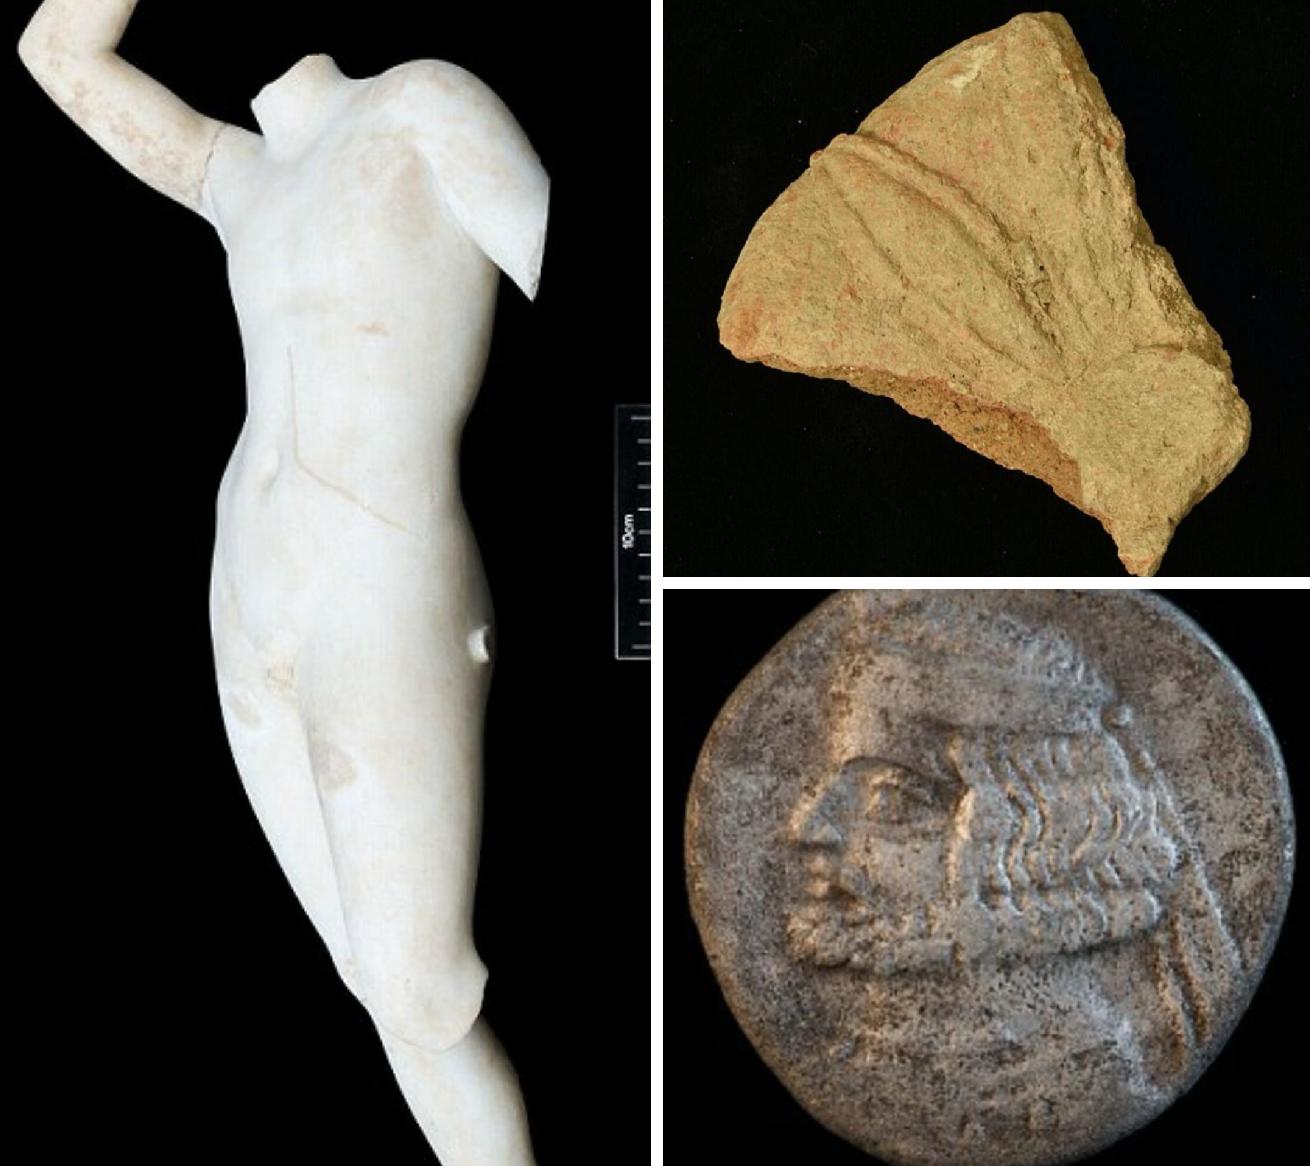 Ελληνικά νομίσματα, κεραμίδια από τερακότα καθώς και ελληνικά και ρωμαϊκά αγάλματα εντοπίστηκαν επίσης στην περιοχή, που βρίσκεται στο ιρακινό Κουρδιστάν. Μεταξύ άλλων, βρέθηκε ένα άγαλμα γυναικείας μορφής που πιστεύεται ότι είναι η Περσεφόνη, η ελληνική θεά της βλάστησης, και ένα άγαλμα στο οποίο φέρεται να απεικονίζεται ο Άδωνις.